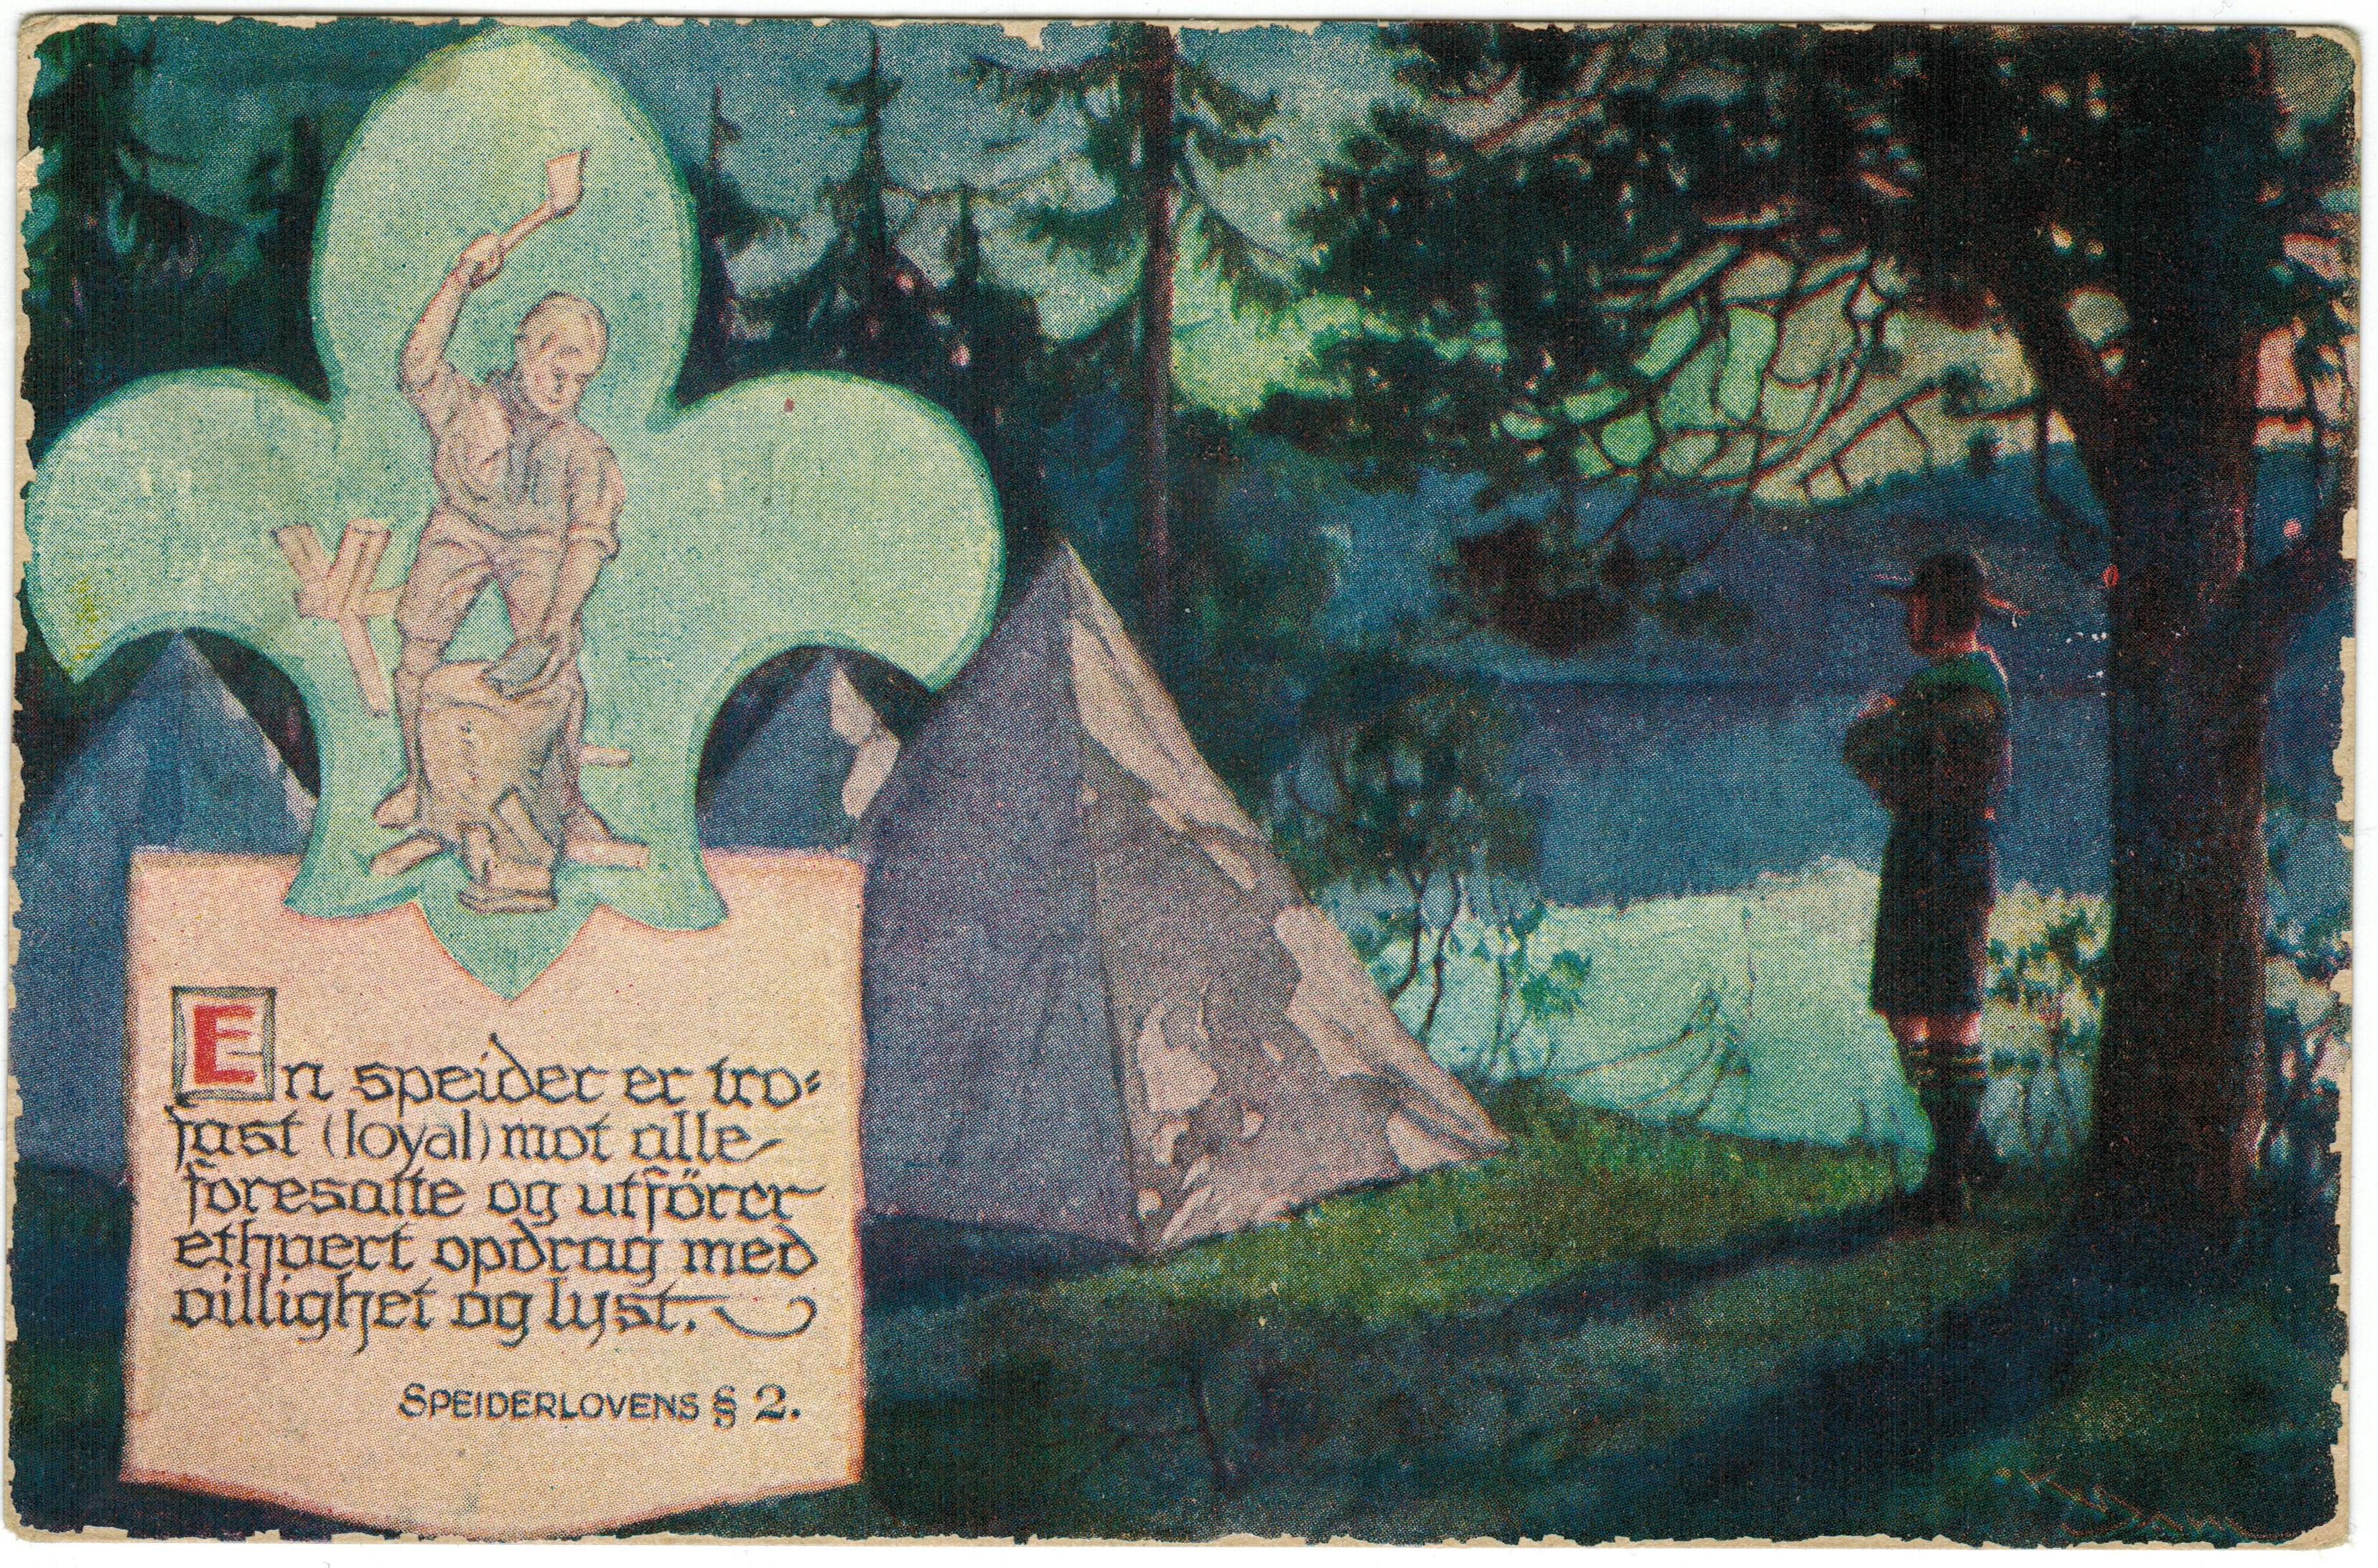 Fra en postkortserie som omhandler speiderloven. Tegnet av Karl Dahl.